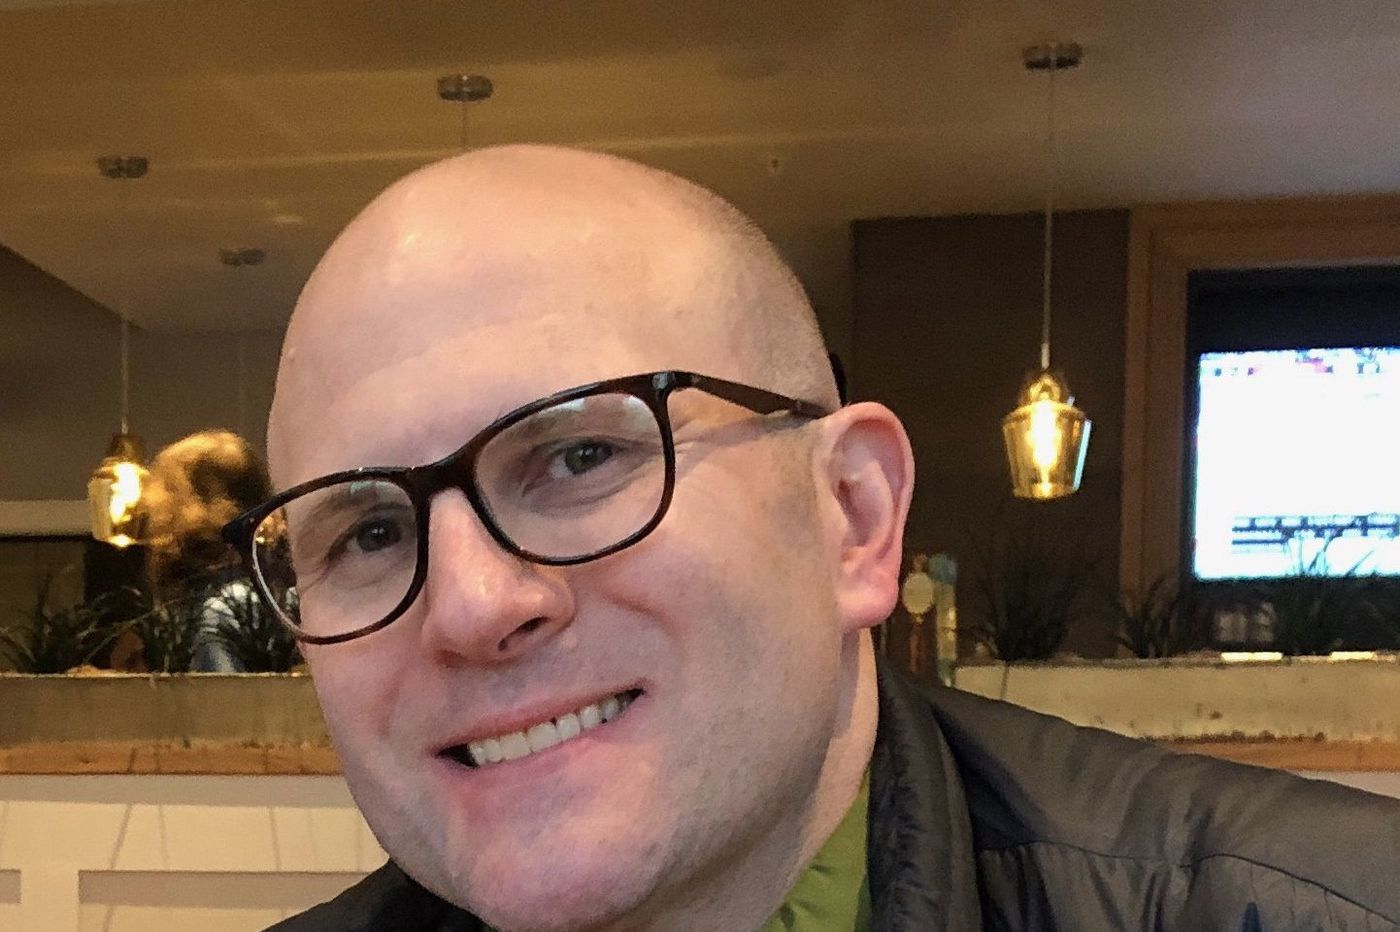 Dr. Peter Dahl, endocrinologist at Riddle Hospital, 46